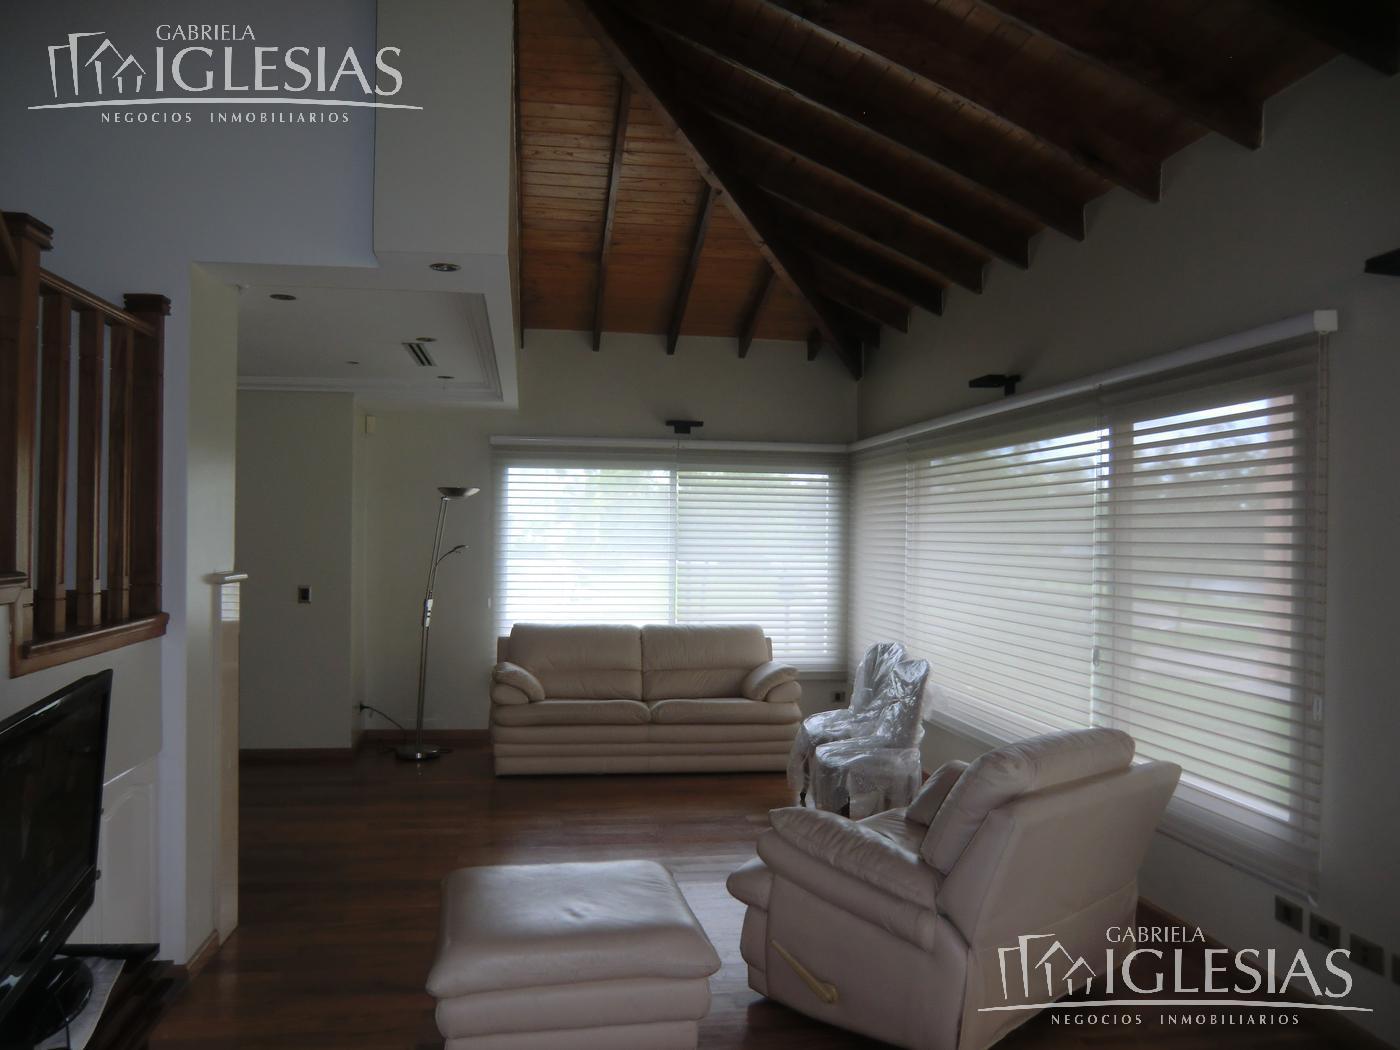 Casa en Venta en Las Glorietas a Venta - u$s 845.000